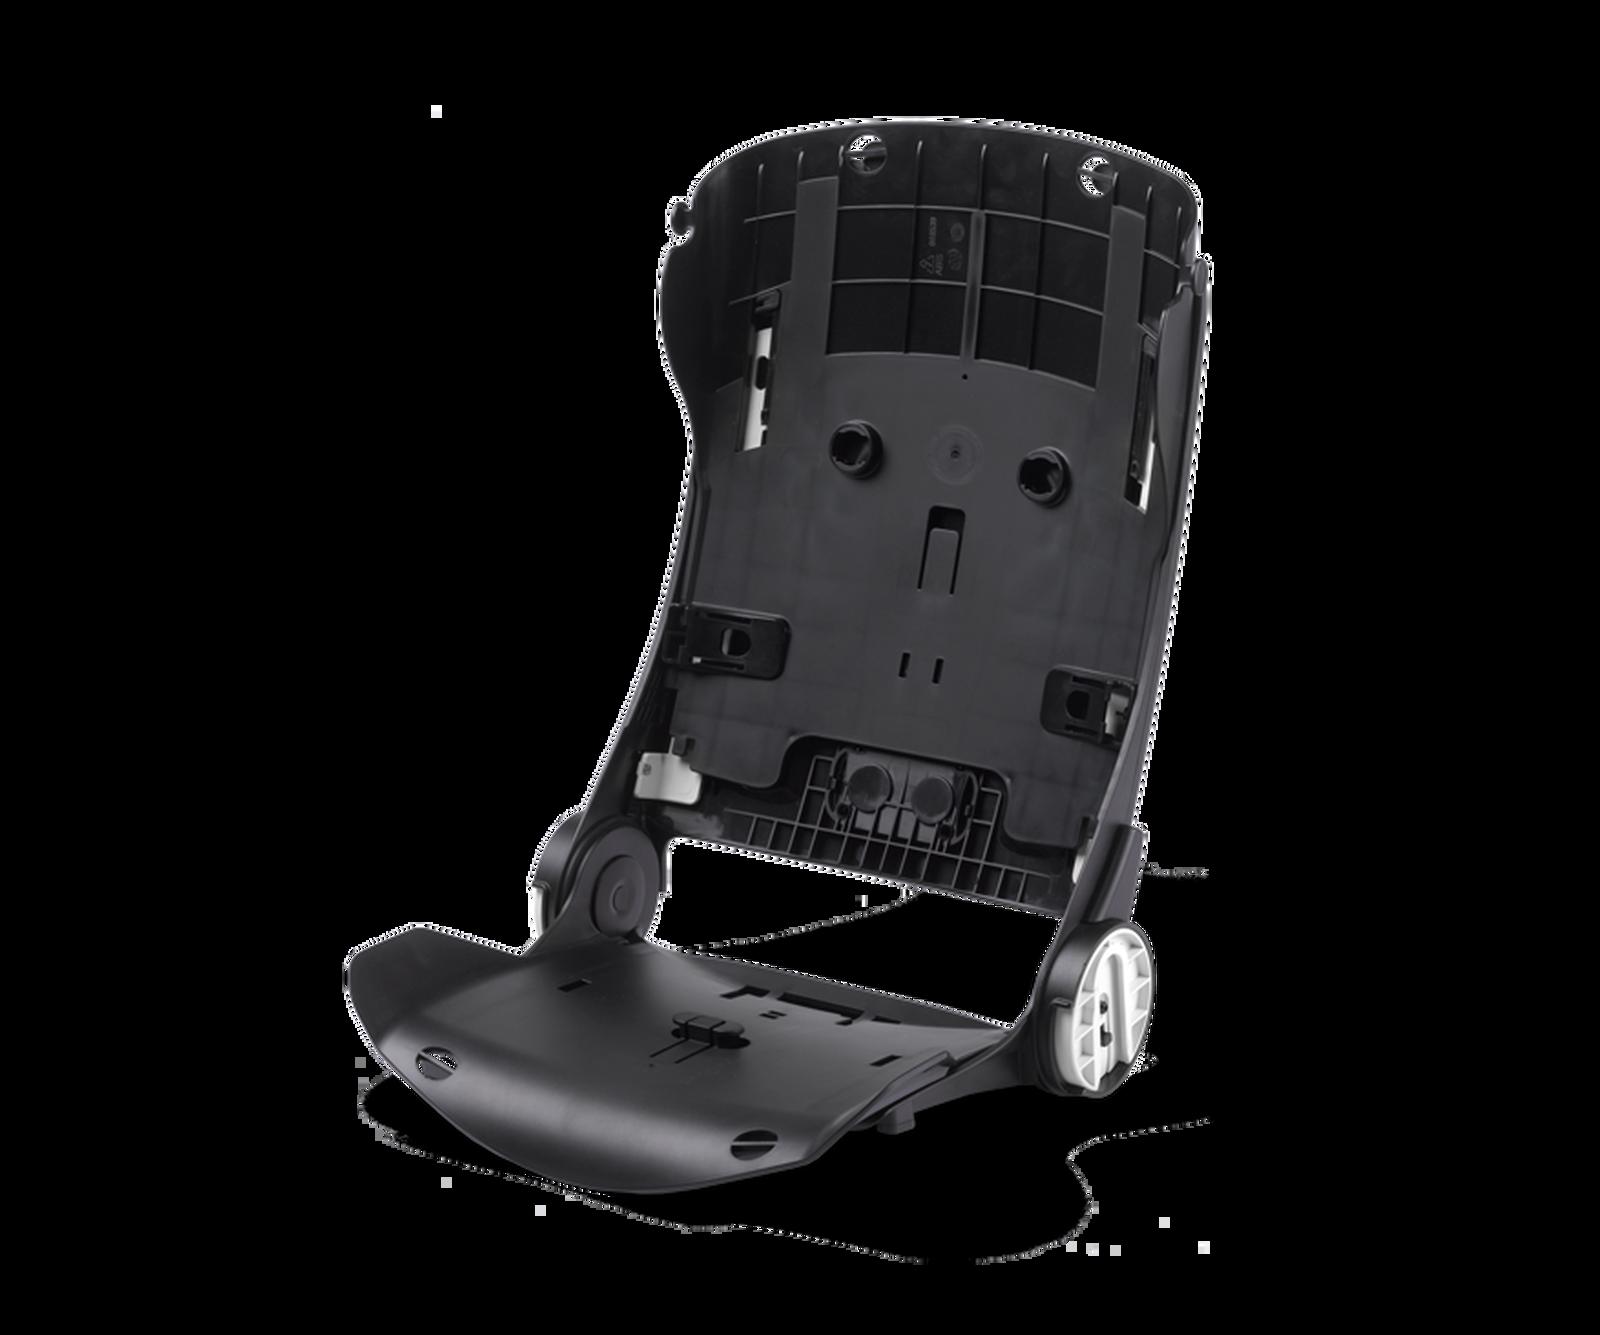 Bugaboo Bee5 seat hardware